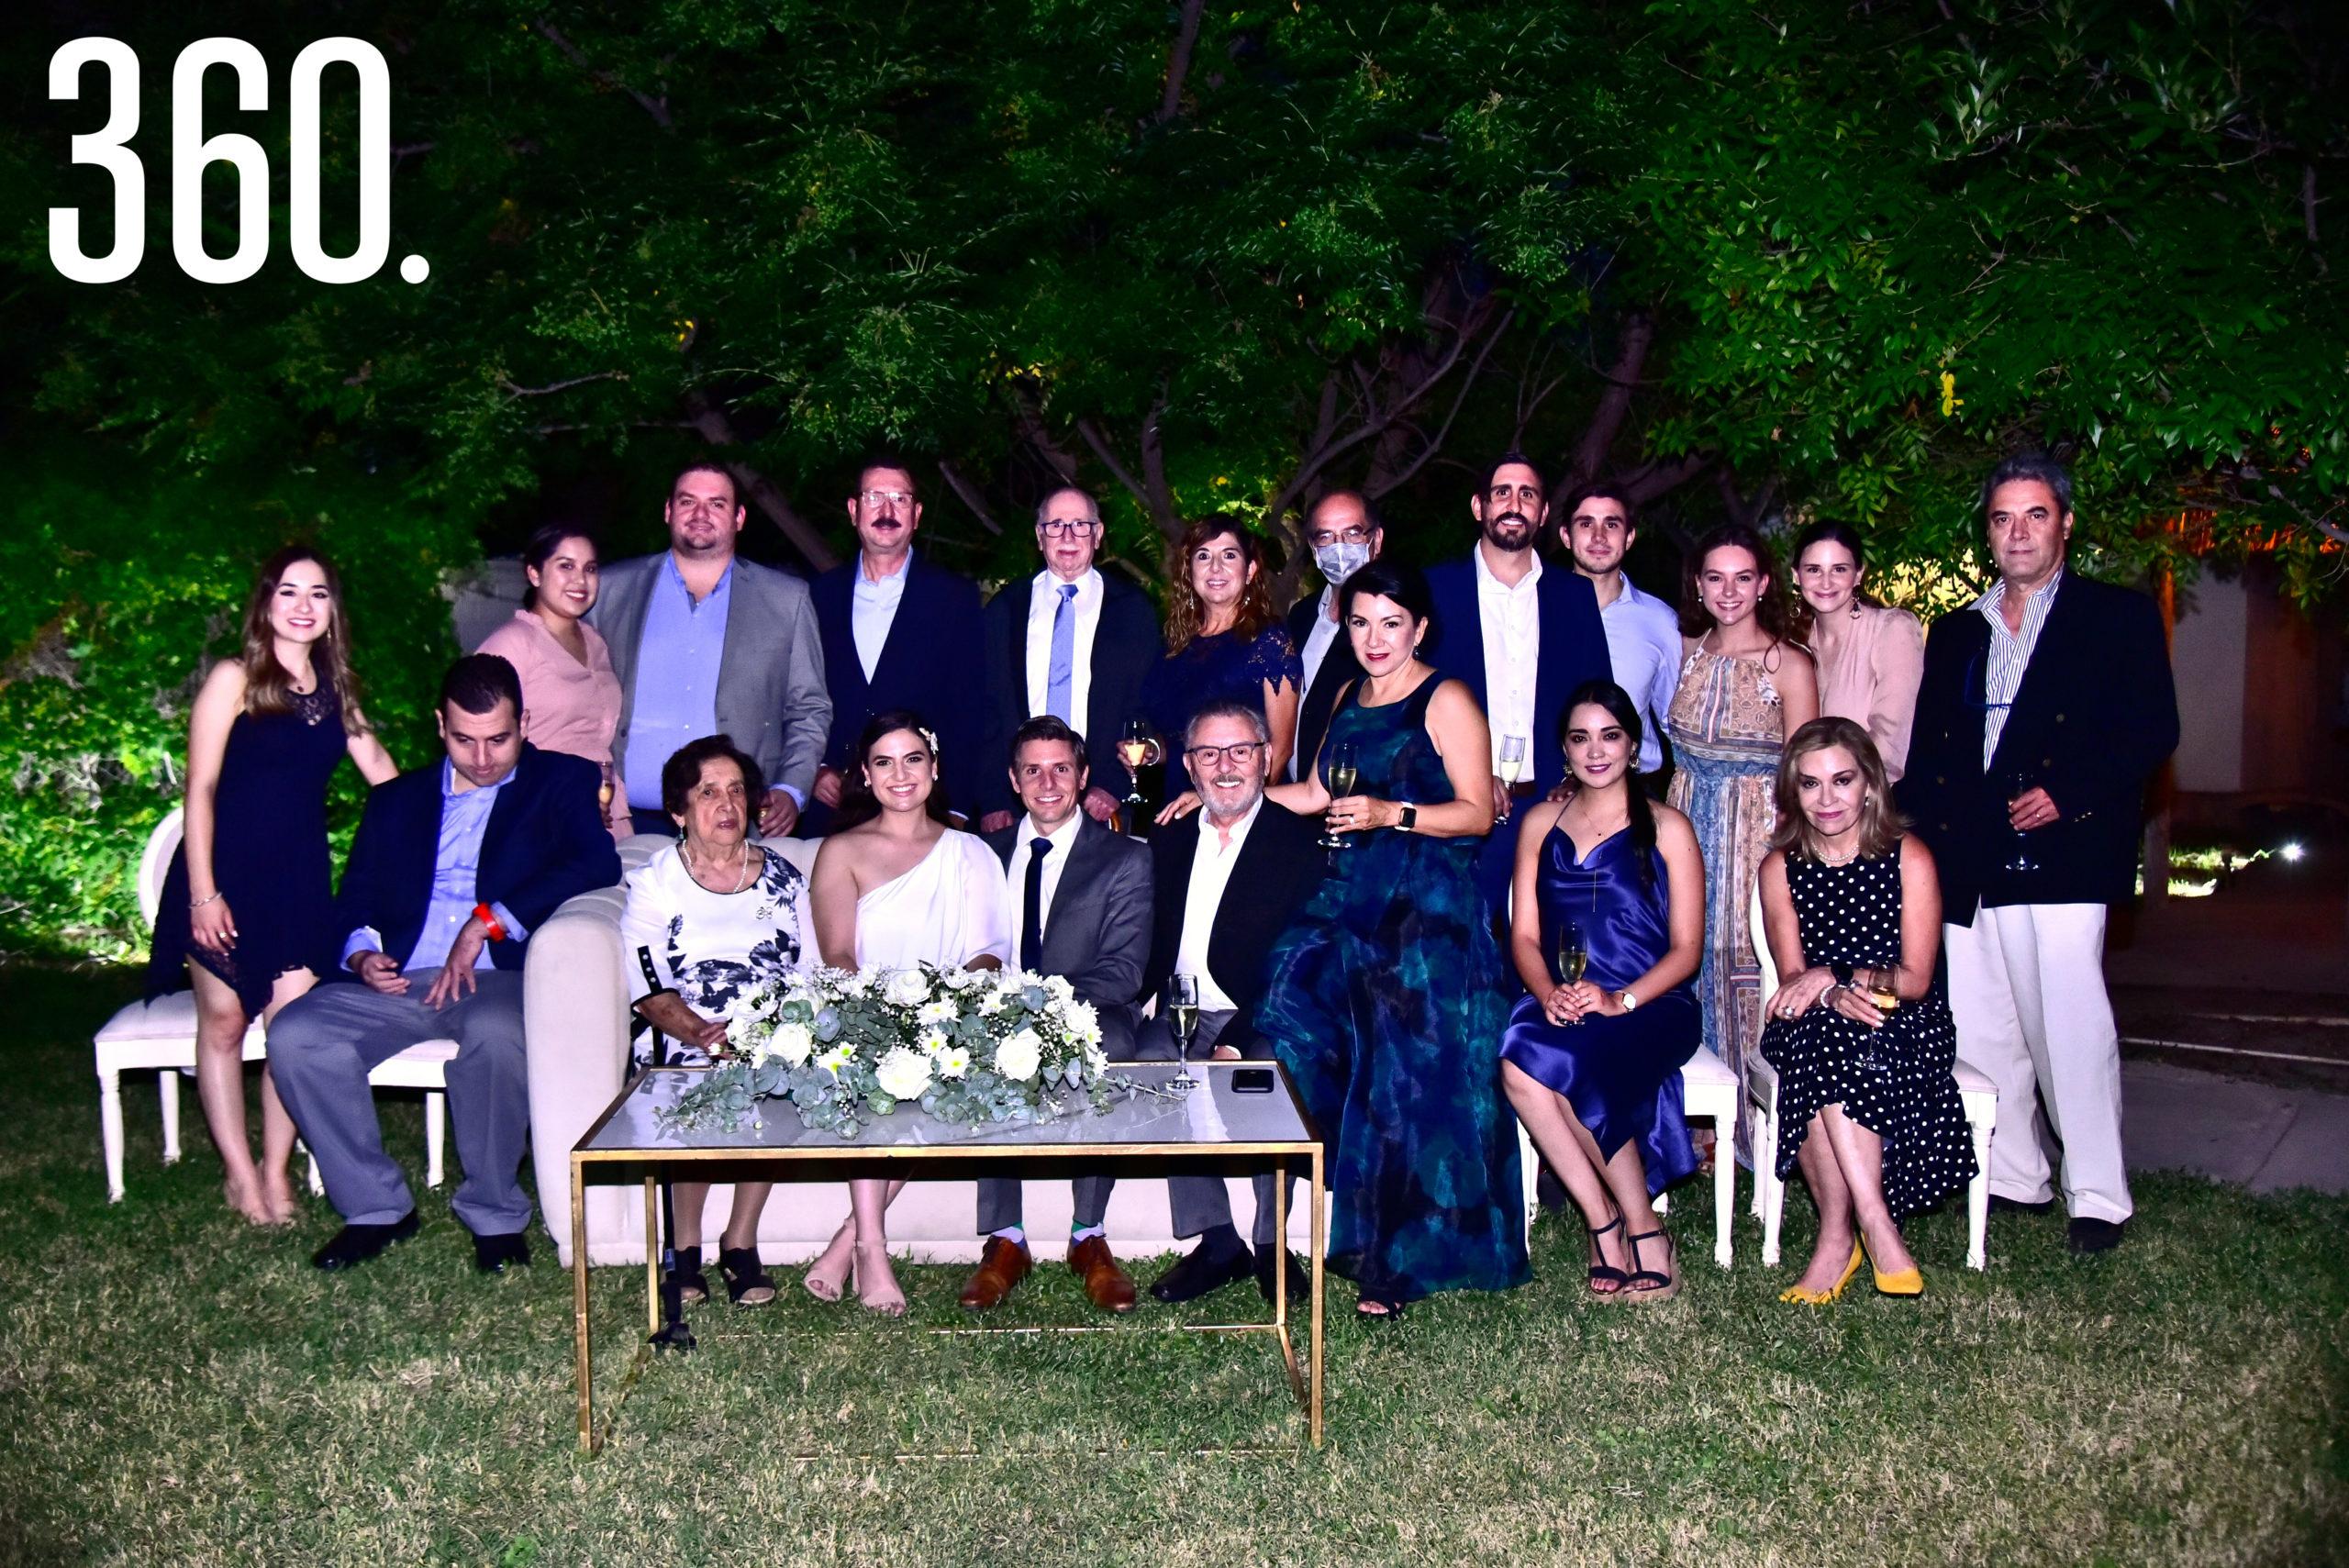 Ana Sofía Saucedo Orta y Gerardo Camacho Sánchez acompañados por sus familiares.